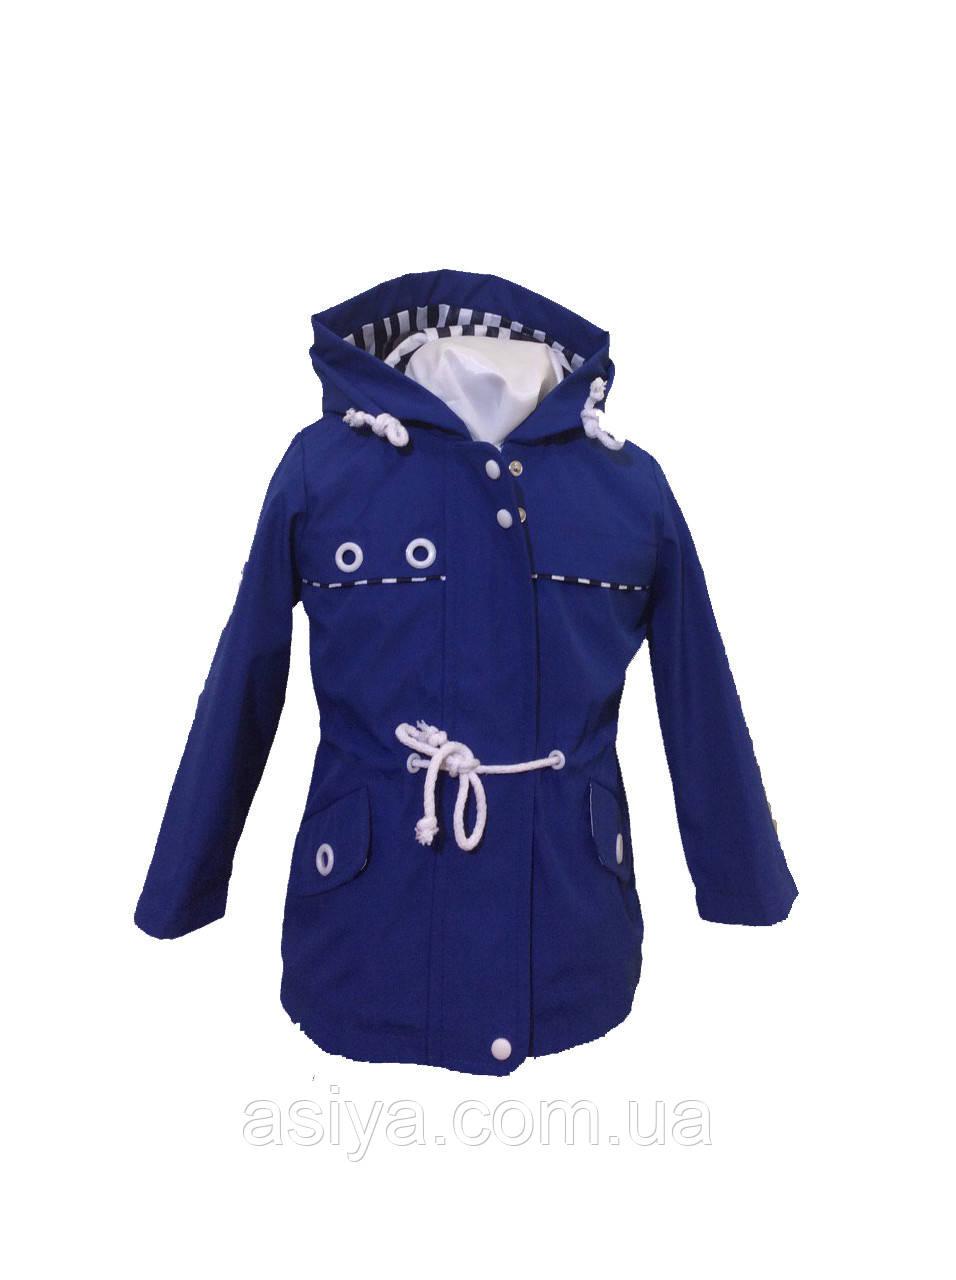 Куртка ветровка на флисе синего цвета